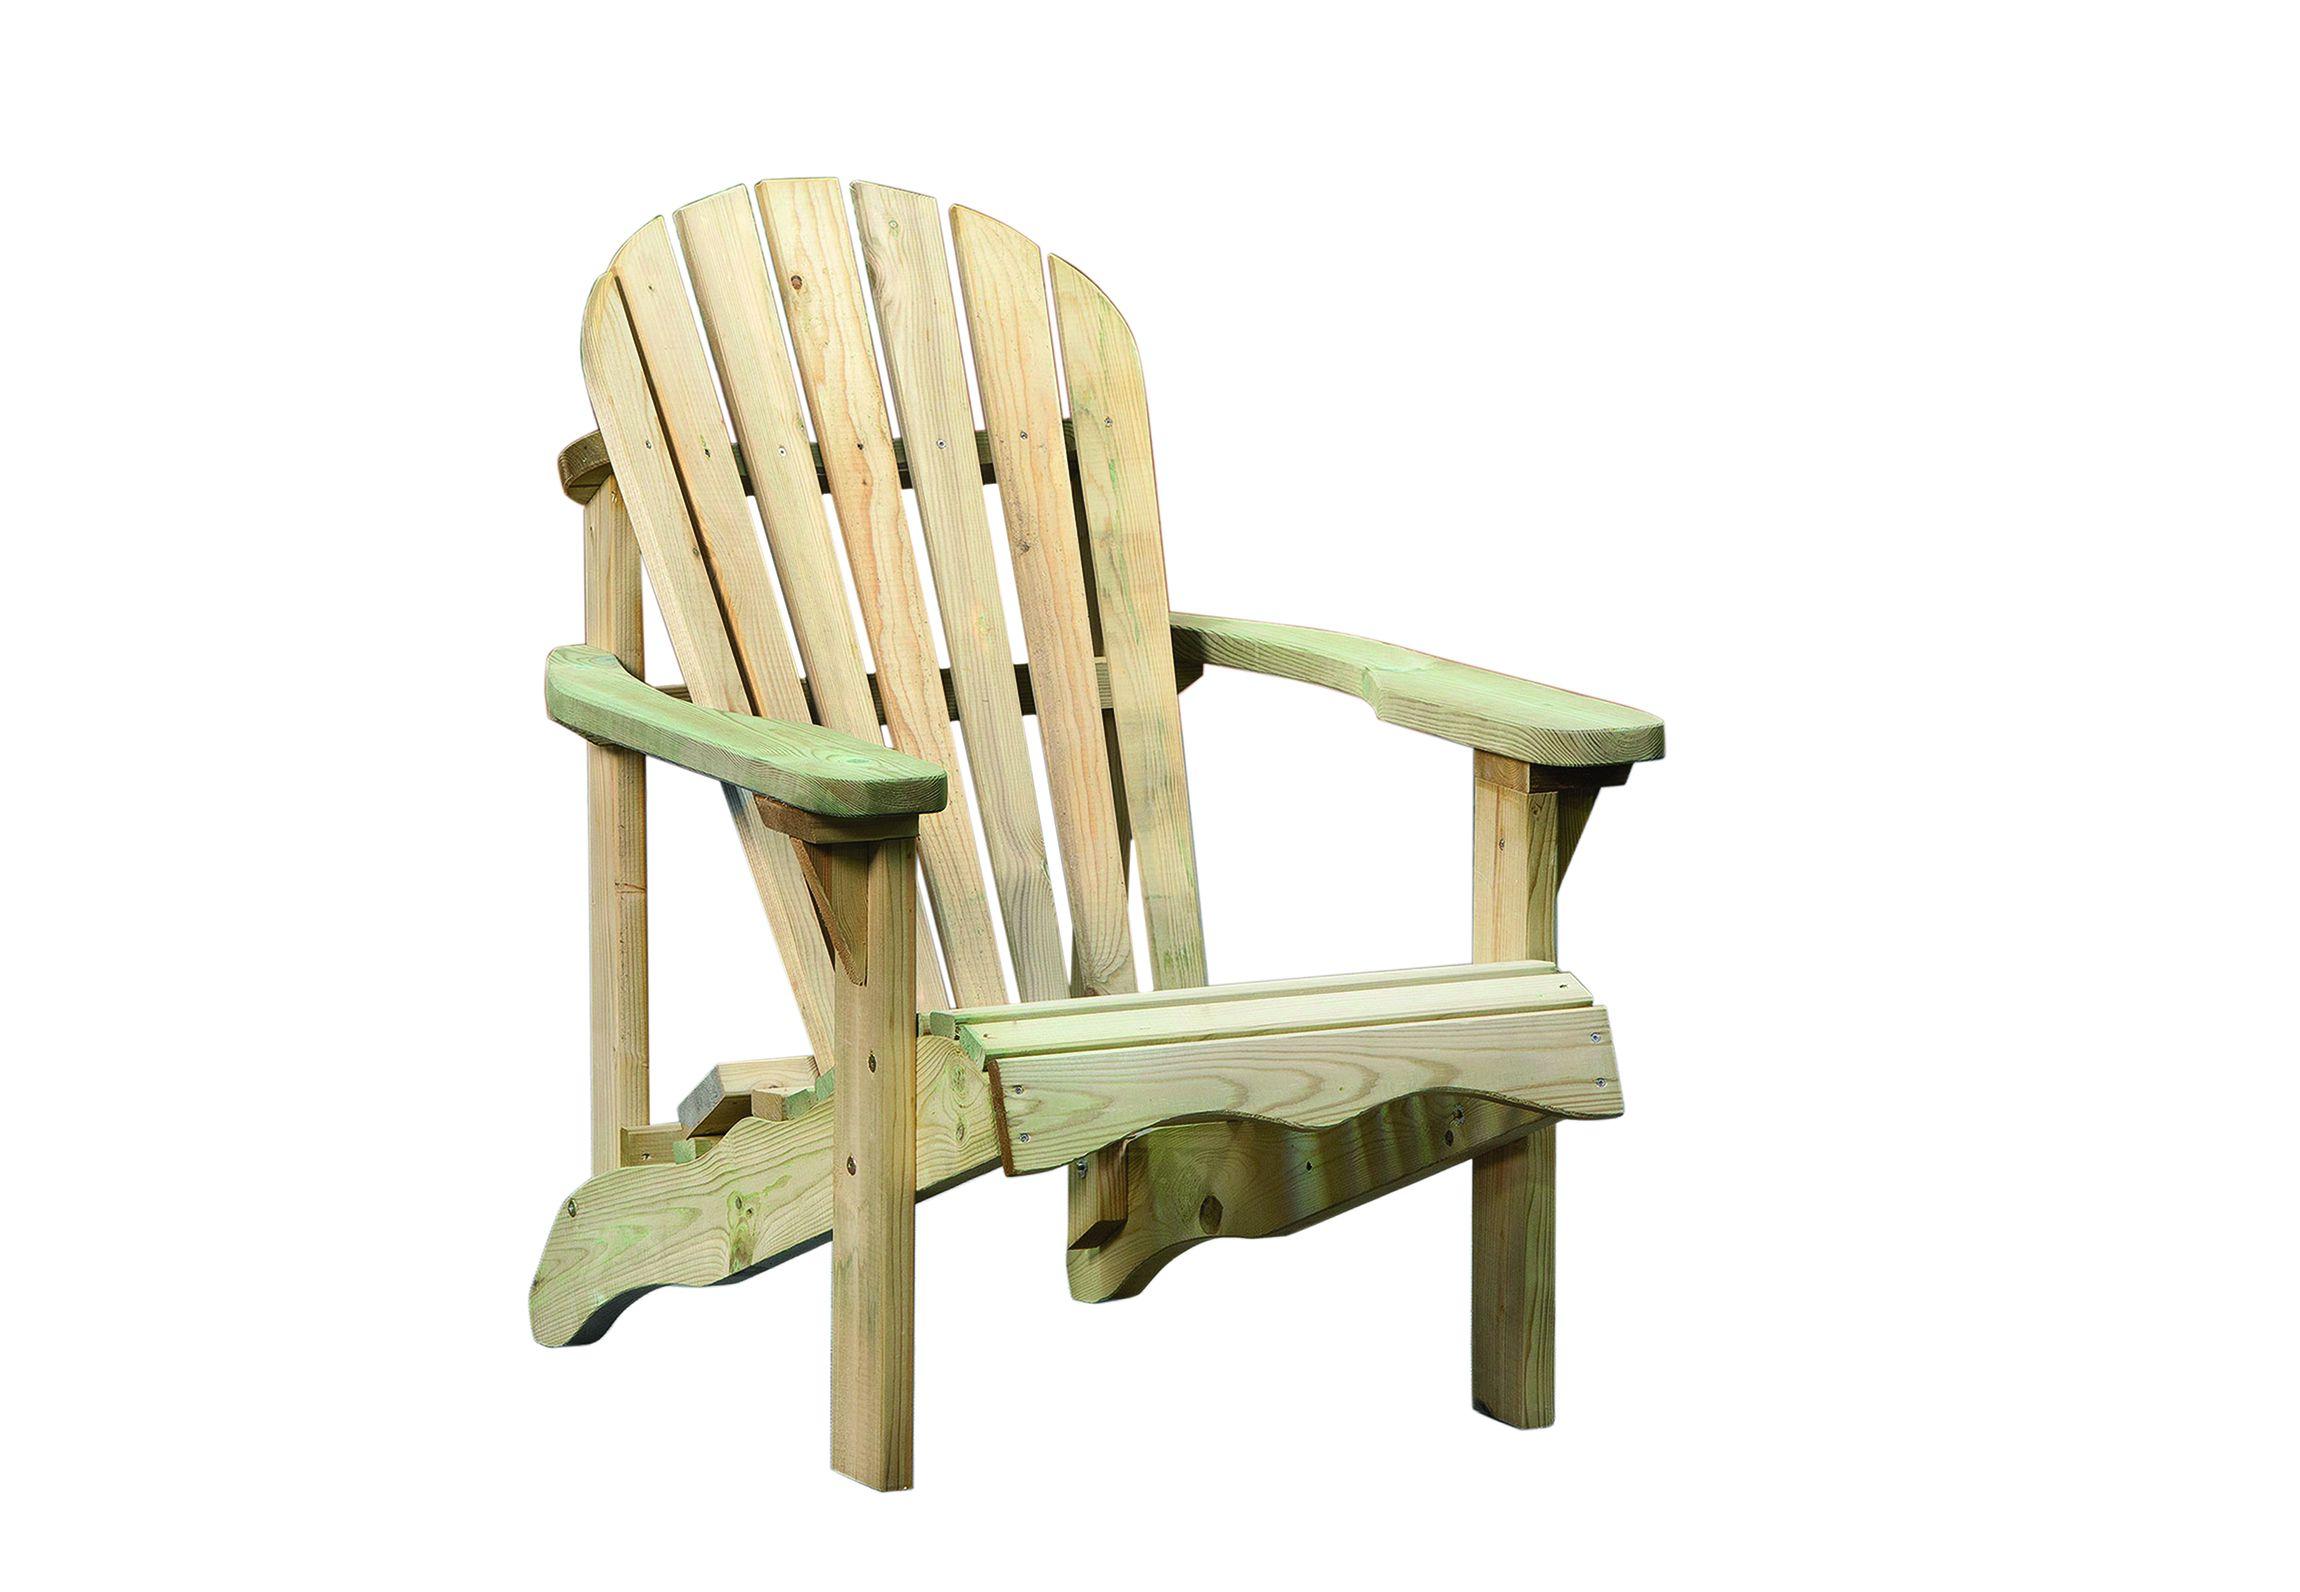 Houten Stoel Tuin : Houten lounge stoel buiten. top deze mooie design loungestoel is